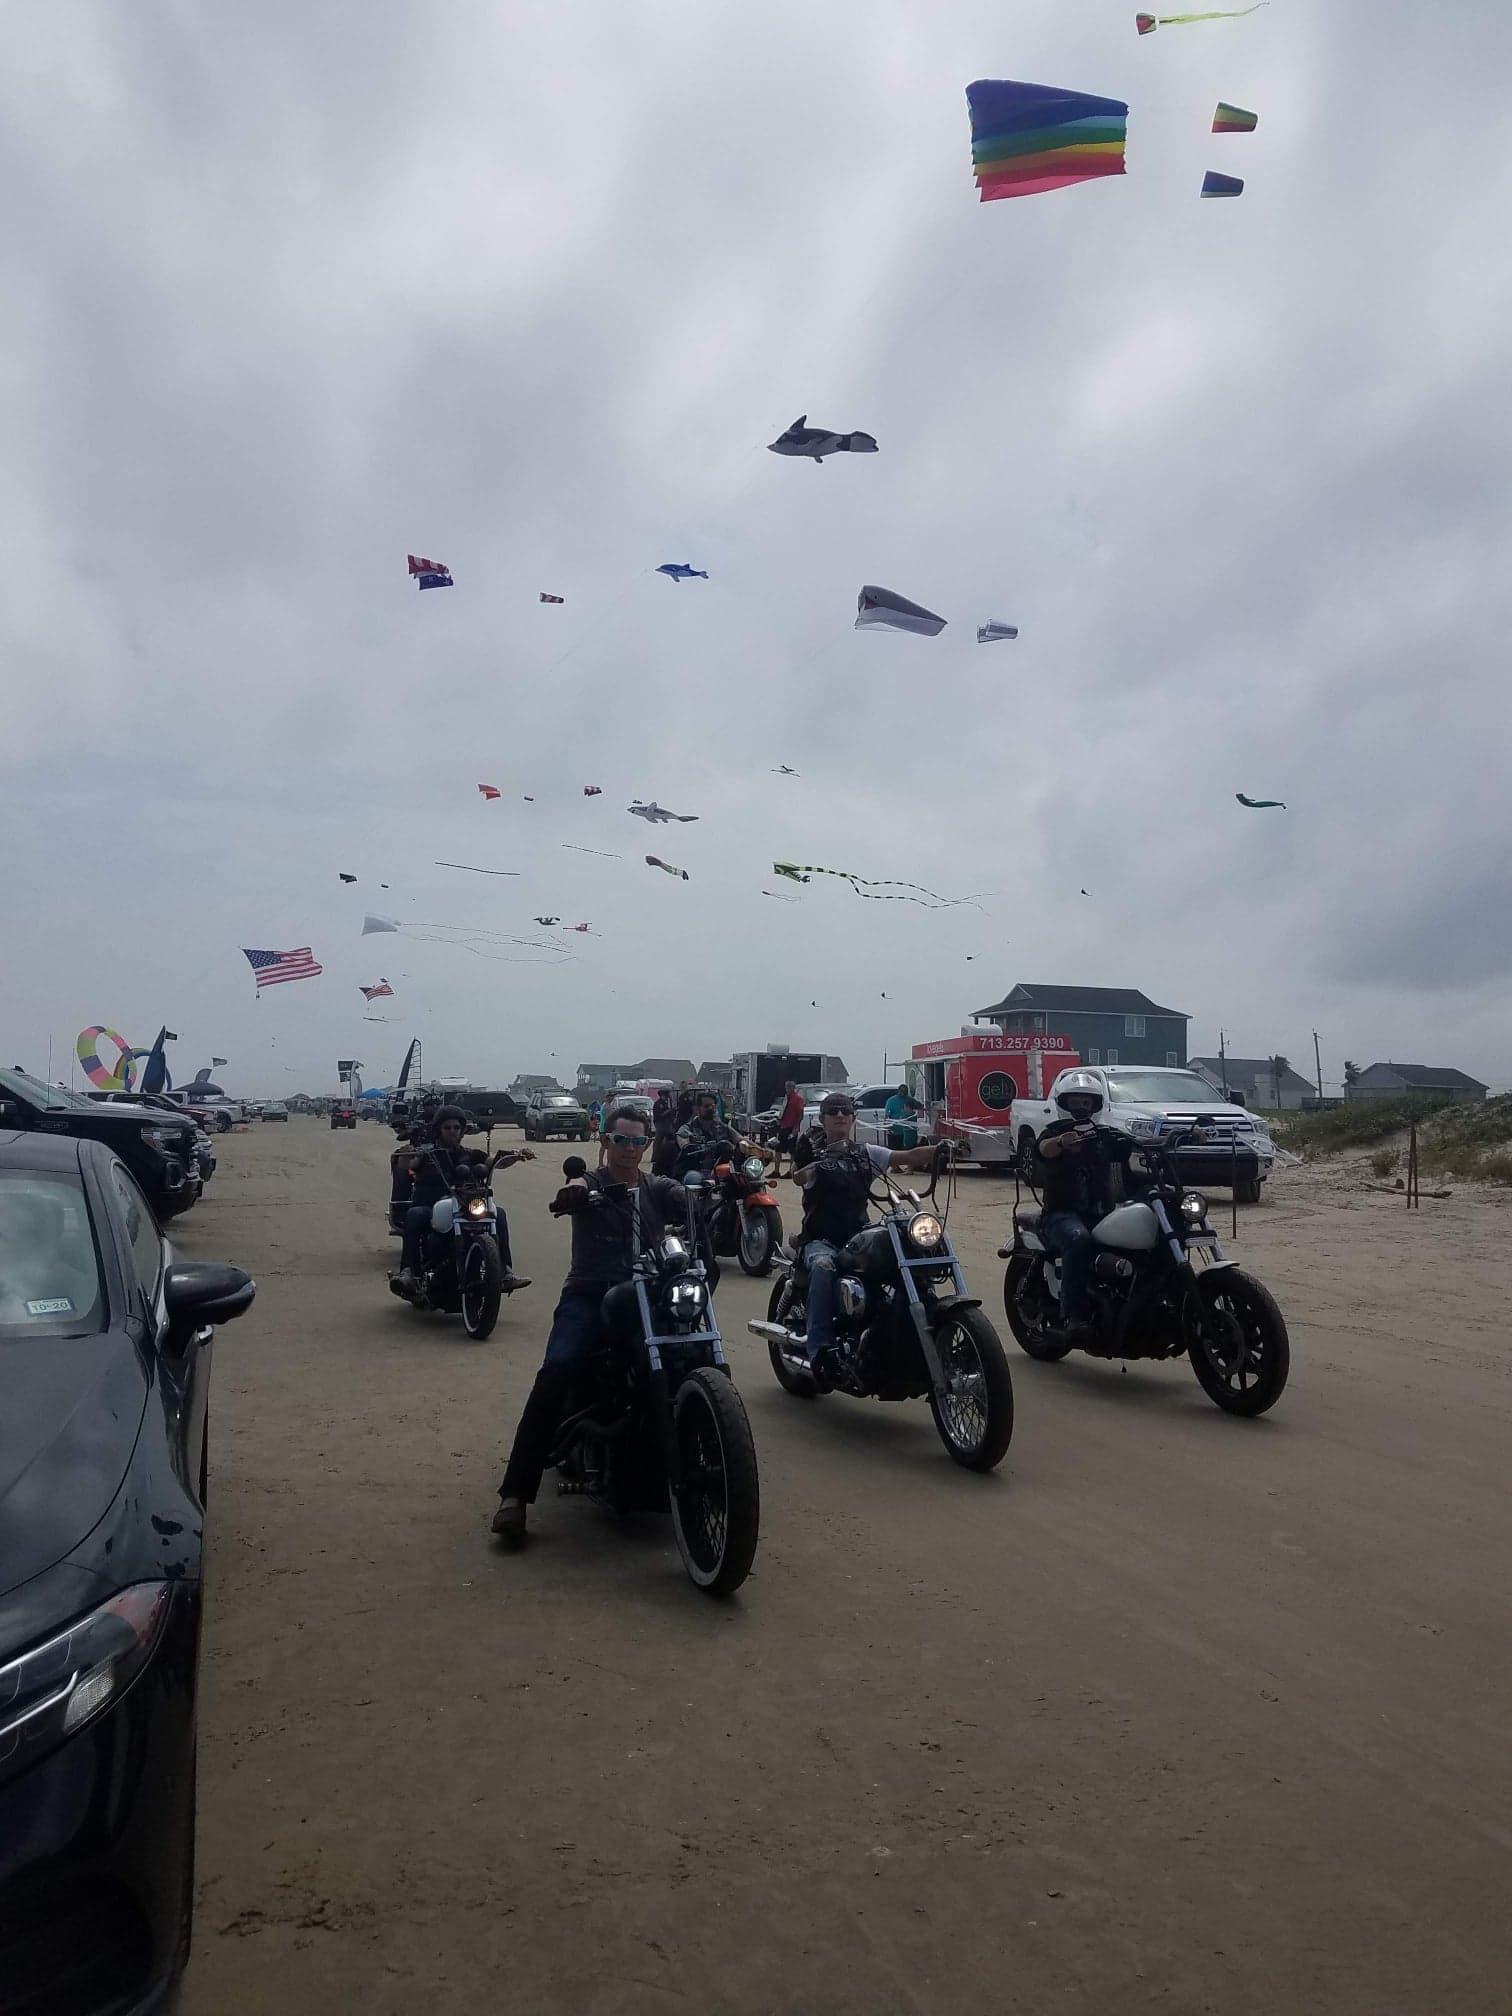 Motorcycles2.jpg